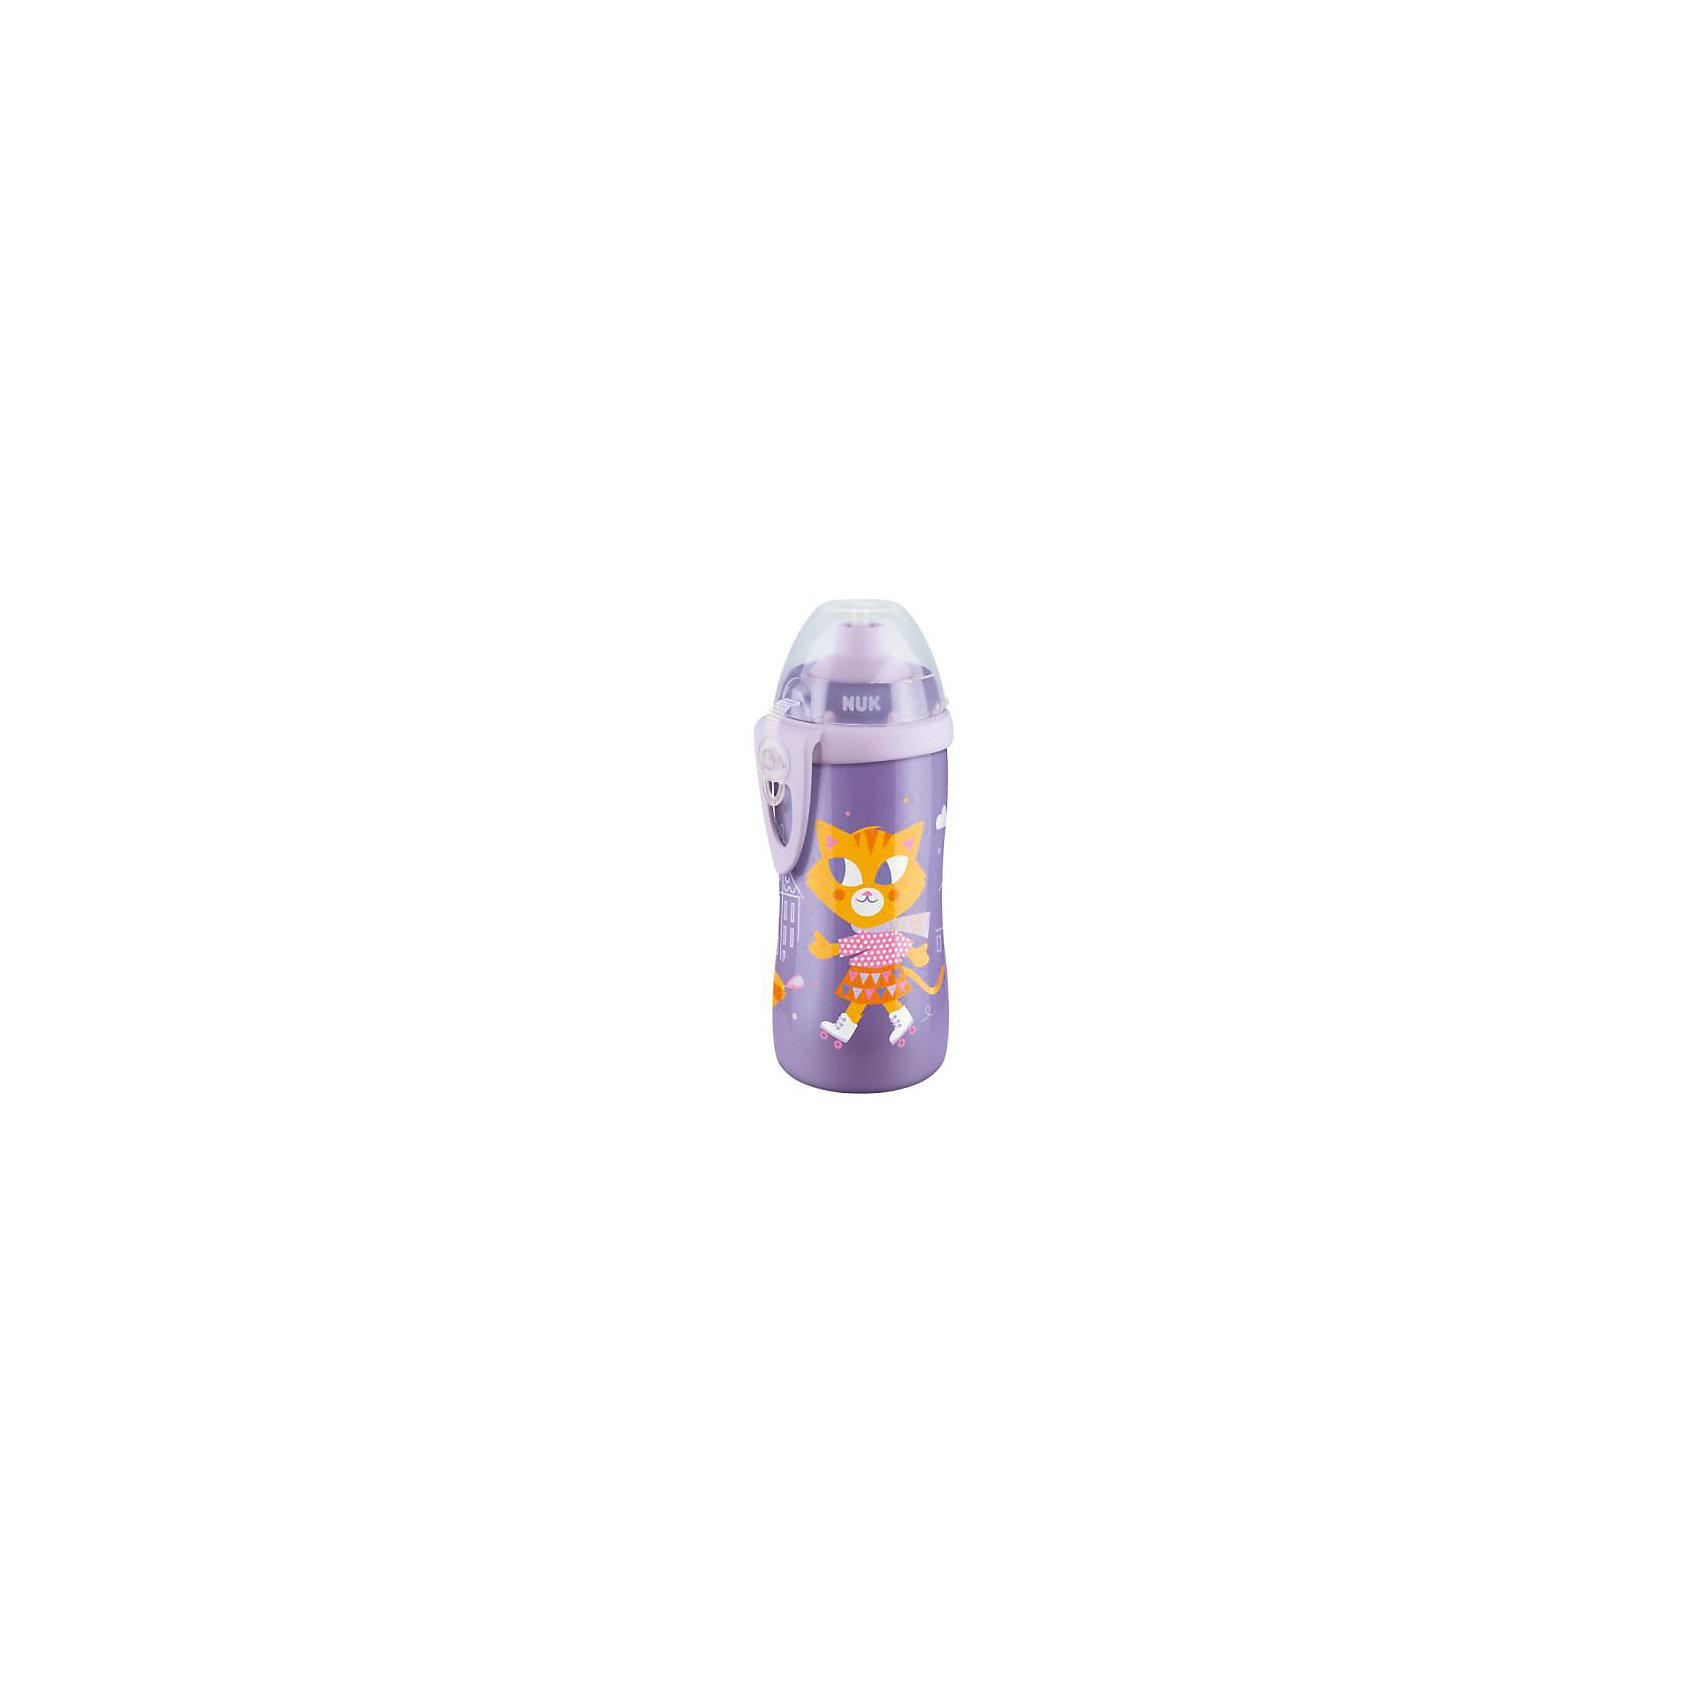 NUK Поильник для активных детей и подвижных детей 300 мл. с насадкой Тяни-Толкай, NUK, фиолетовый